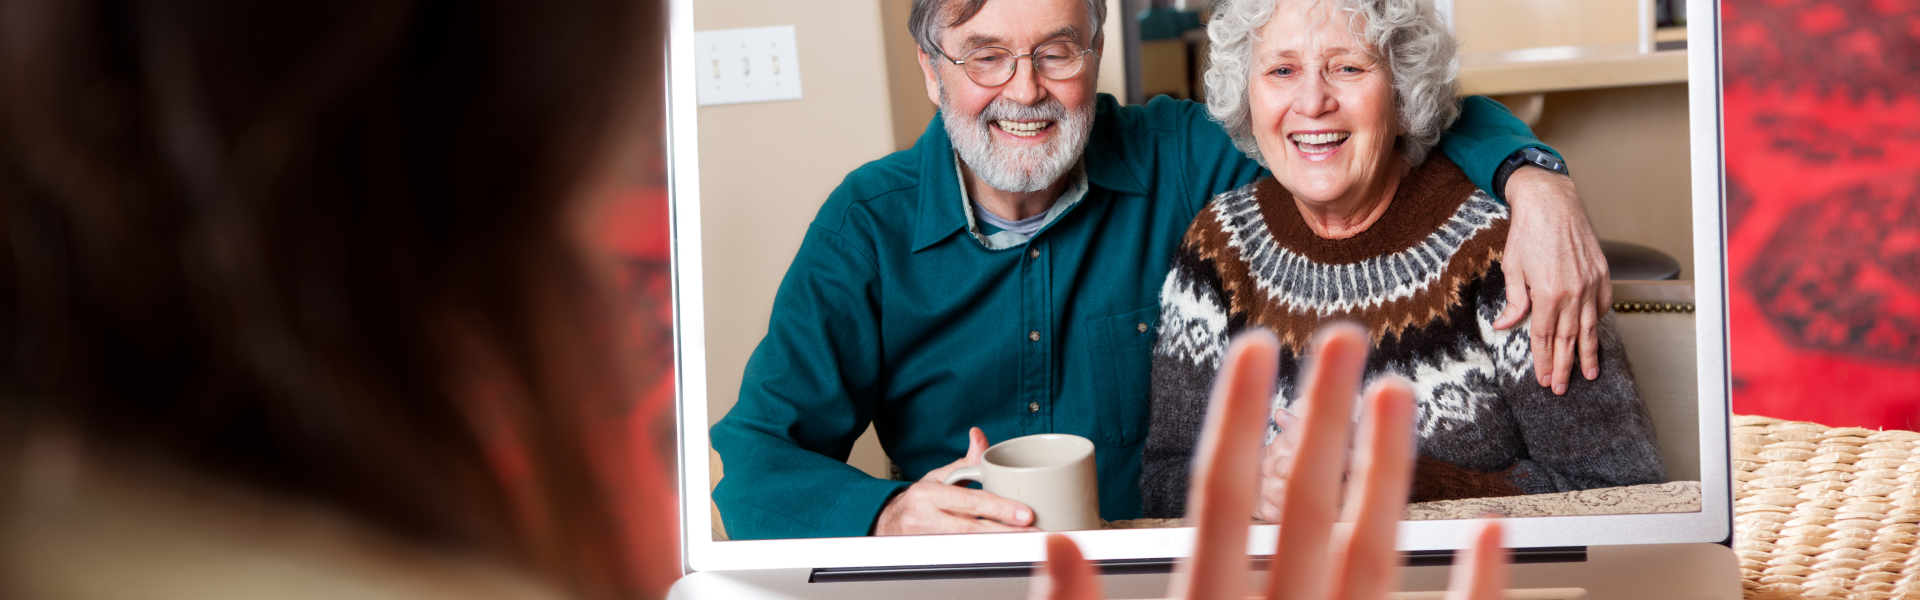 appel video social senior